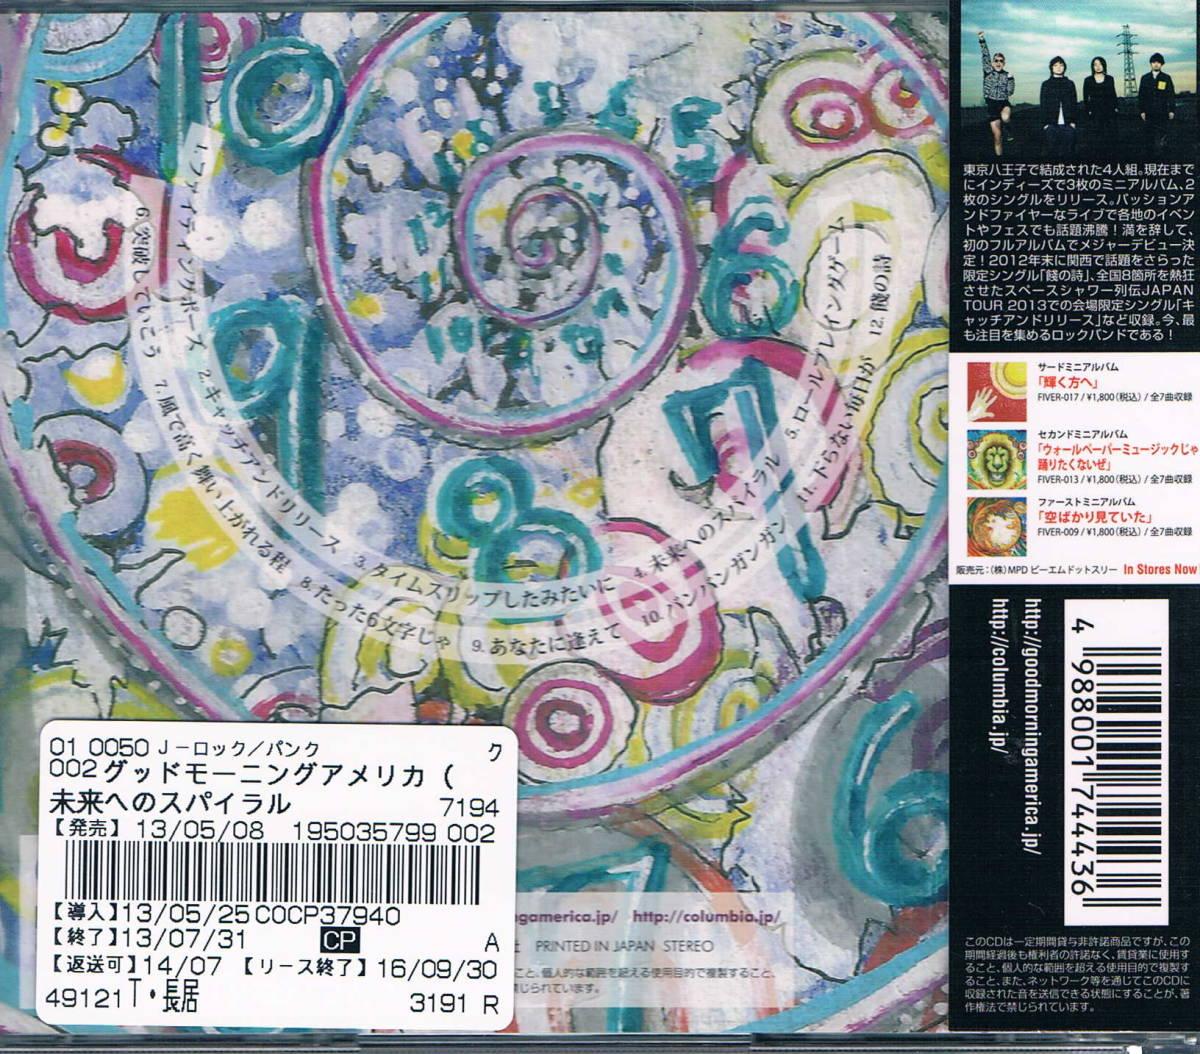 中古 グッドモーニングアメリカ 【未来へのスパイラル】 レンタル CD_画像2